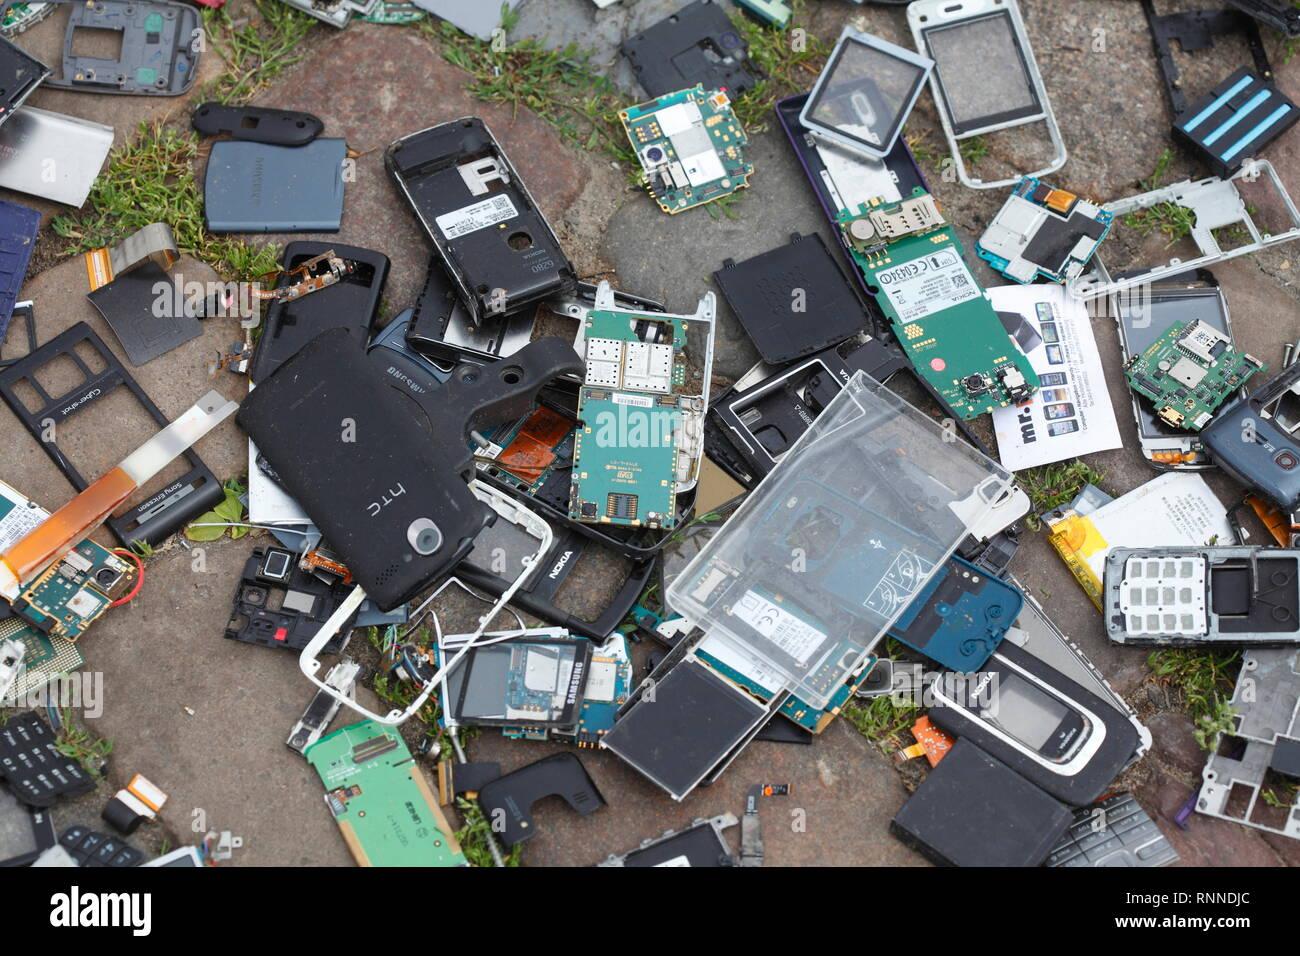 Rifiuti elettronici, vecchio smartphone rotto sdraiato sul pavimento, in Germania, in Europa mi Elektroschrott, alte smartphone kaputte auf dem Boden liegend, Deutsch Immagini Stock